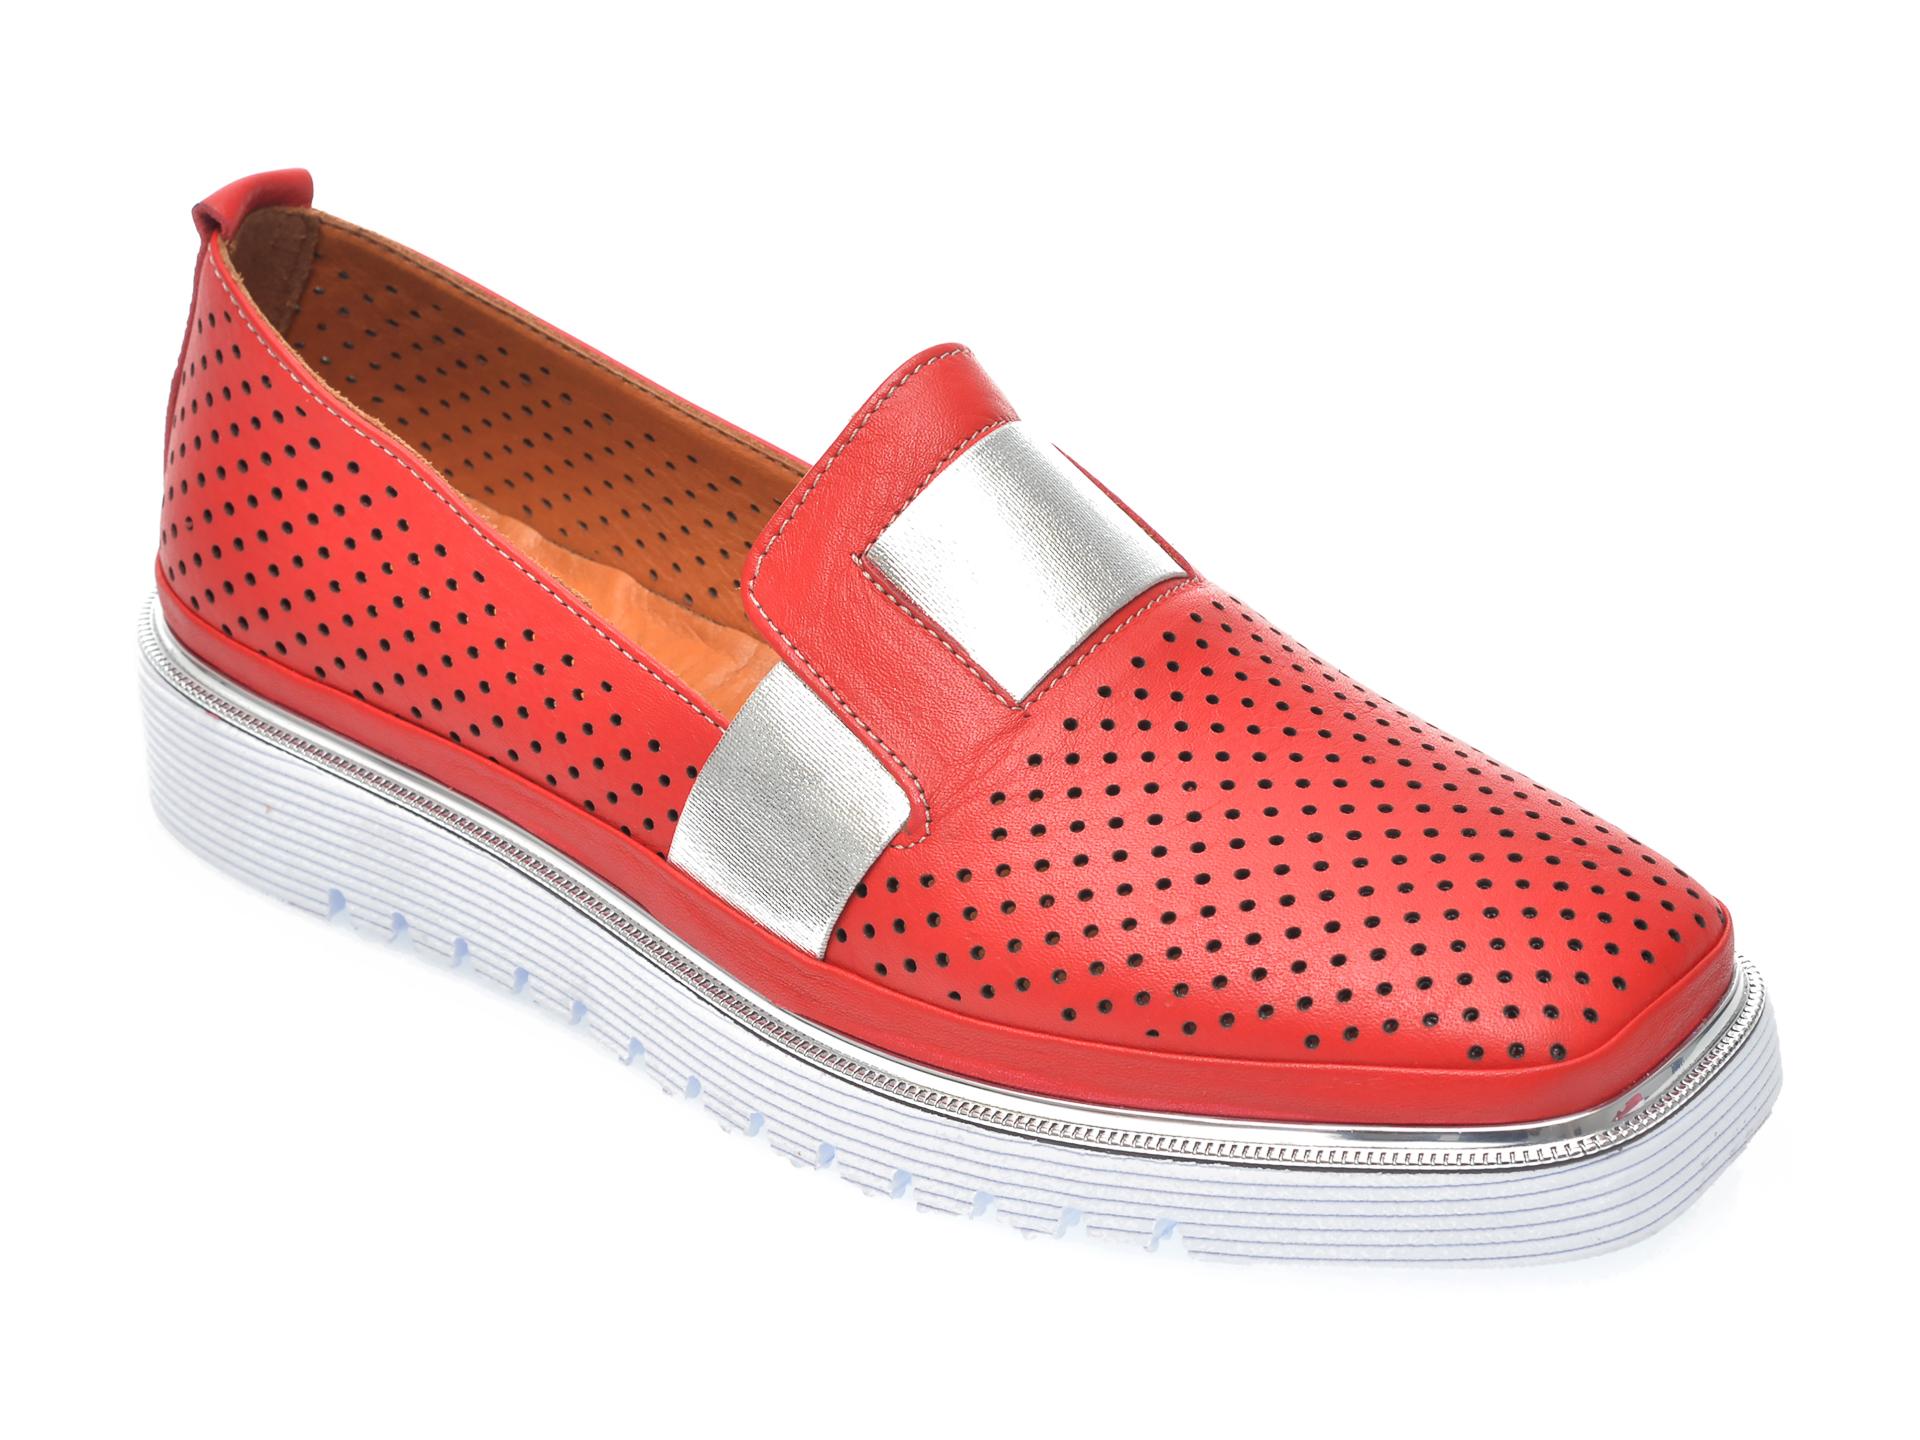 Pantofi FLAVIA PASSINI rosii, 993101, din piele naturala